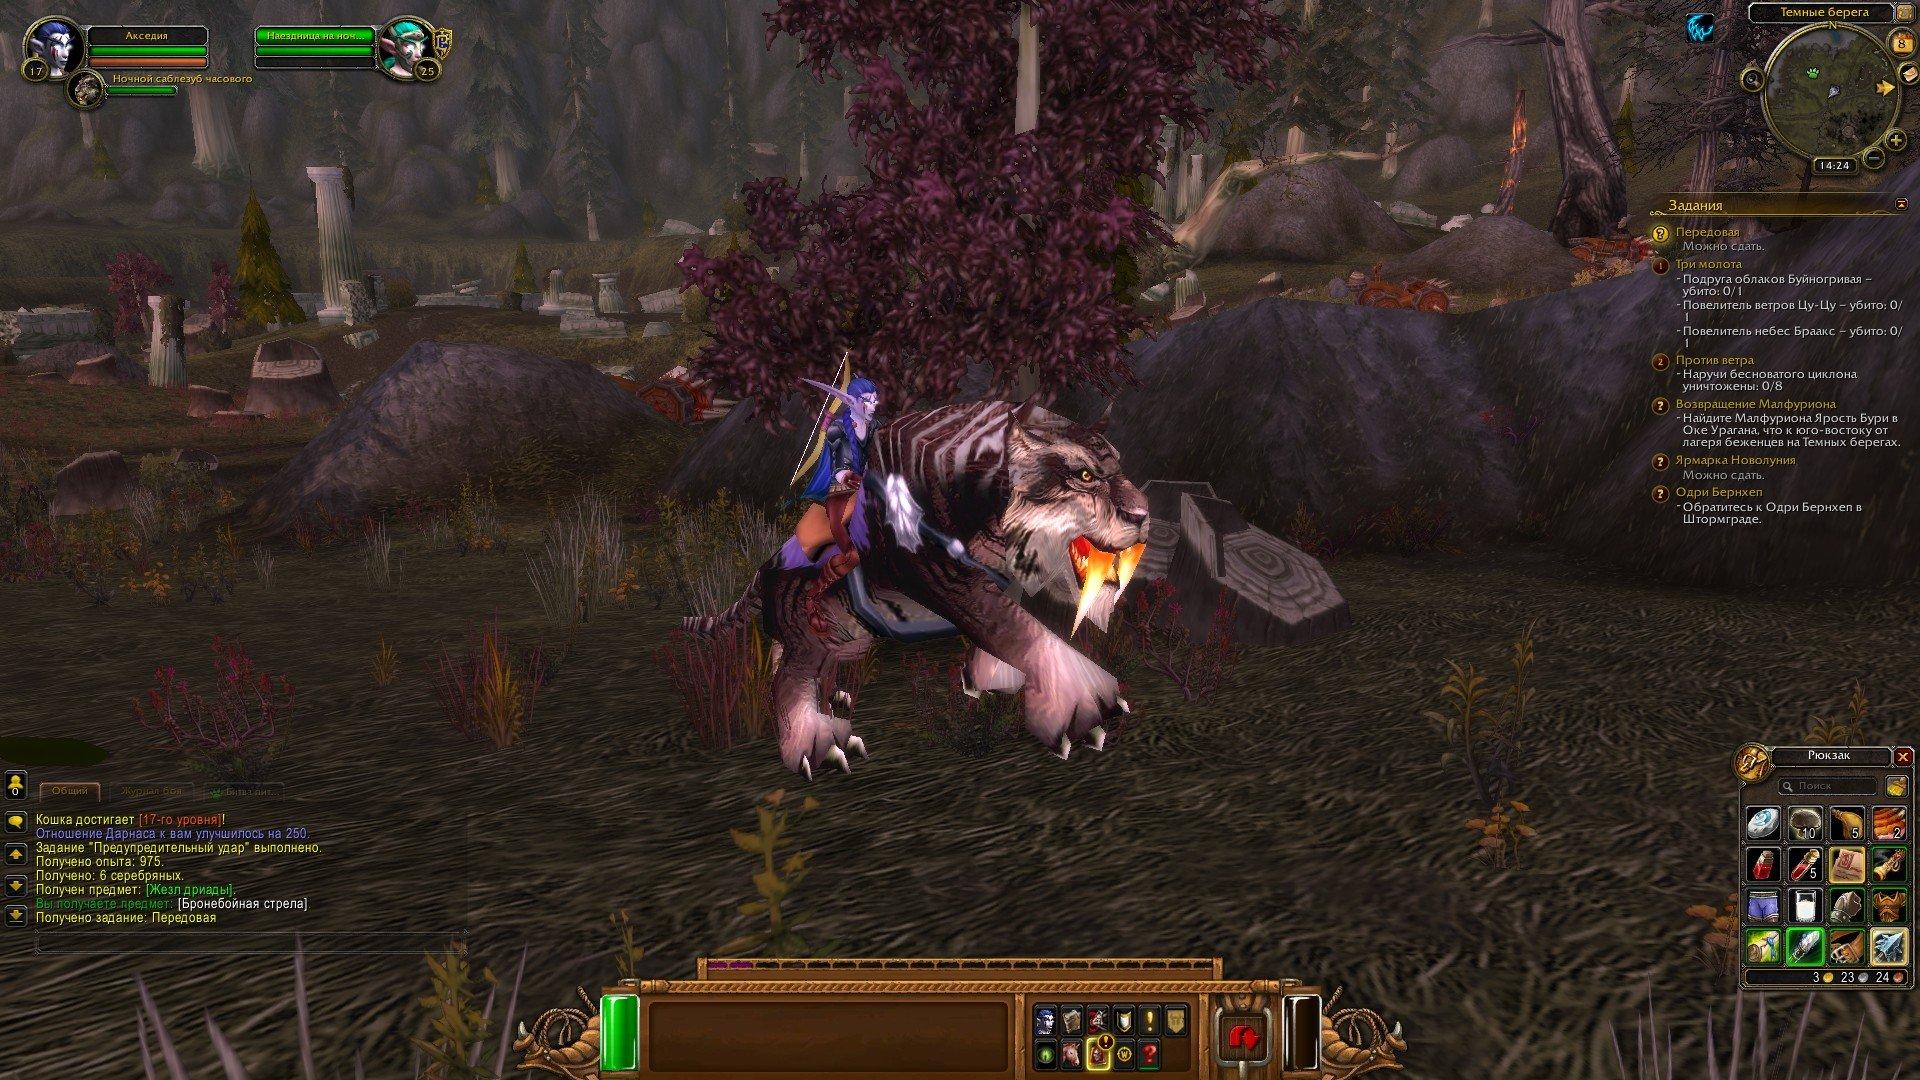 Путешествие по World of Warcraft ... Ночной Эльф. Глава 2. - Изображение 4